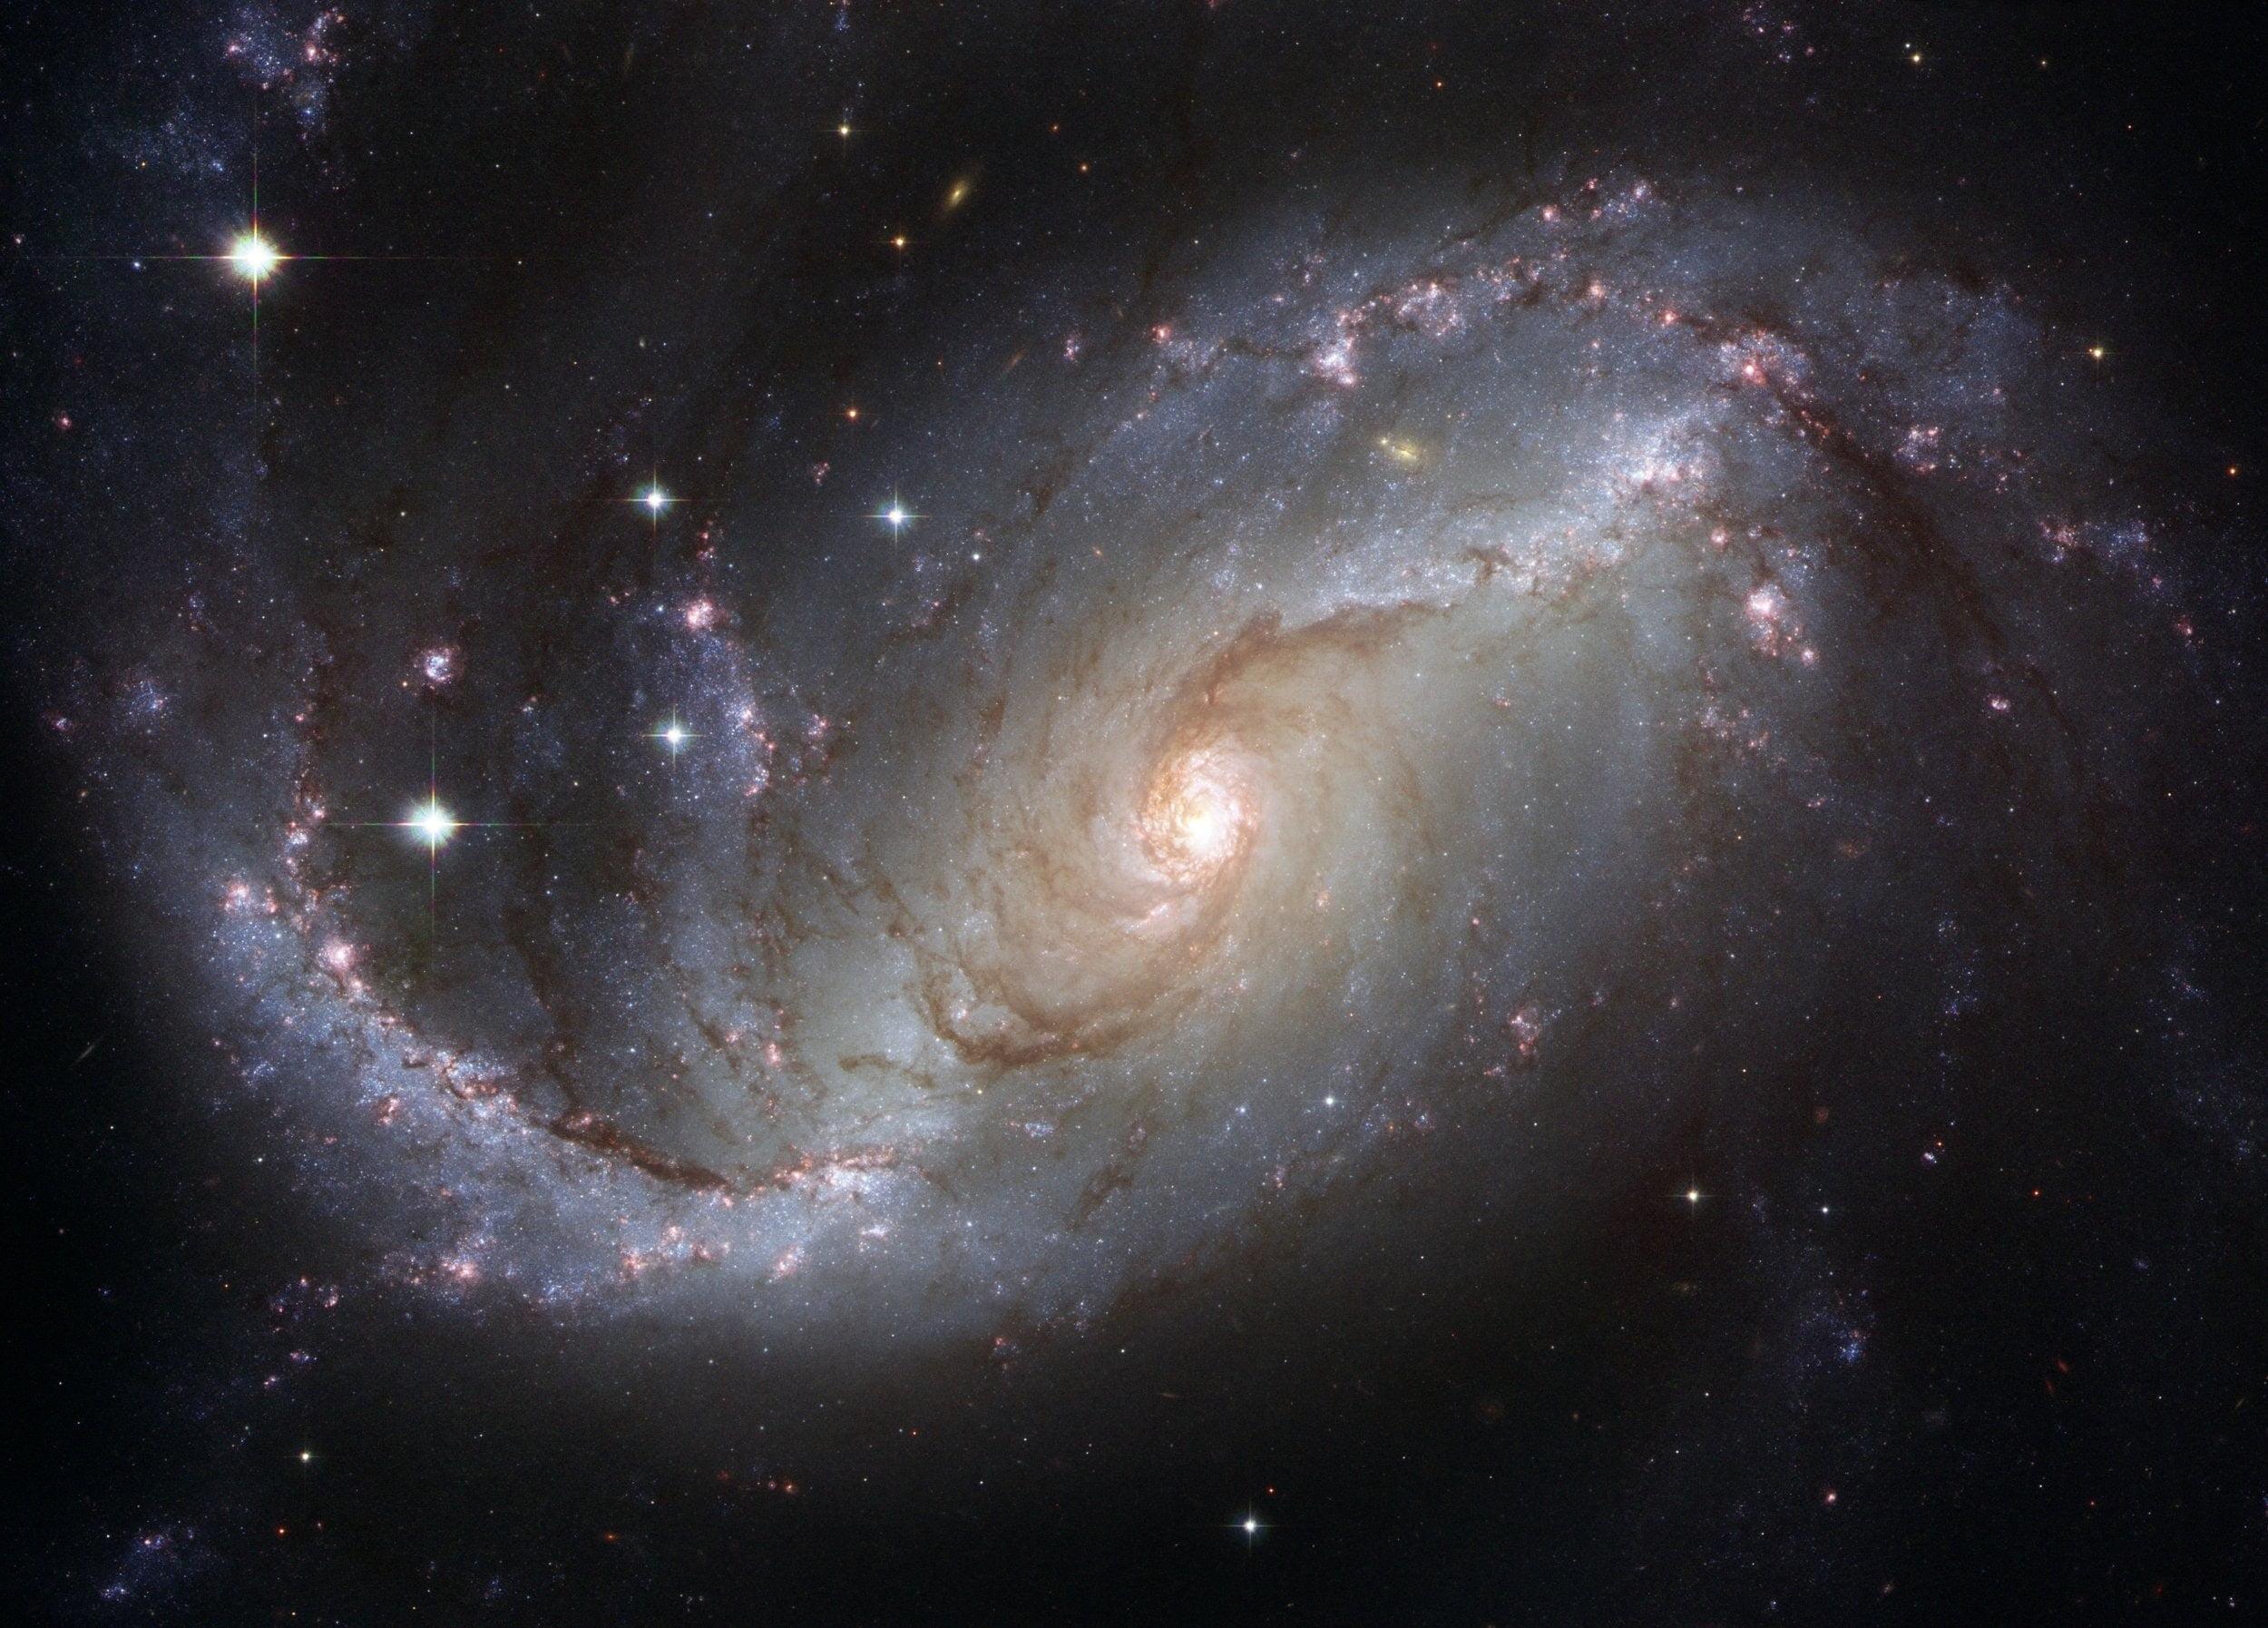 Stephen Hawking hayatı, Stephen Hawking, Manşet, kuantum fiziği, kara delikler, fizik, als hastalığı